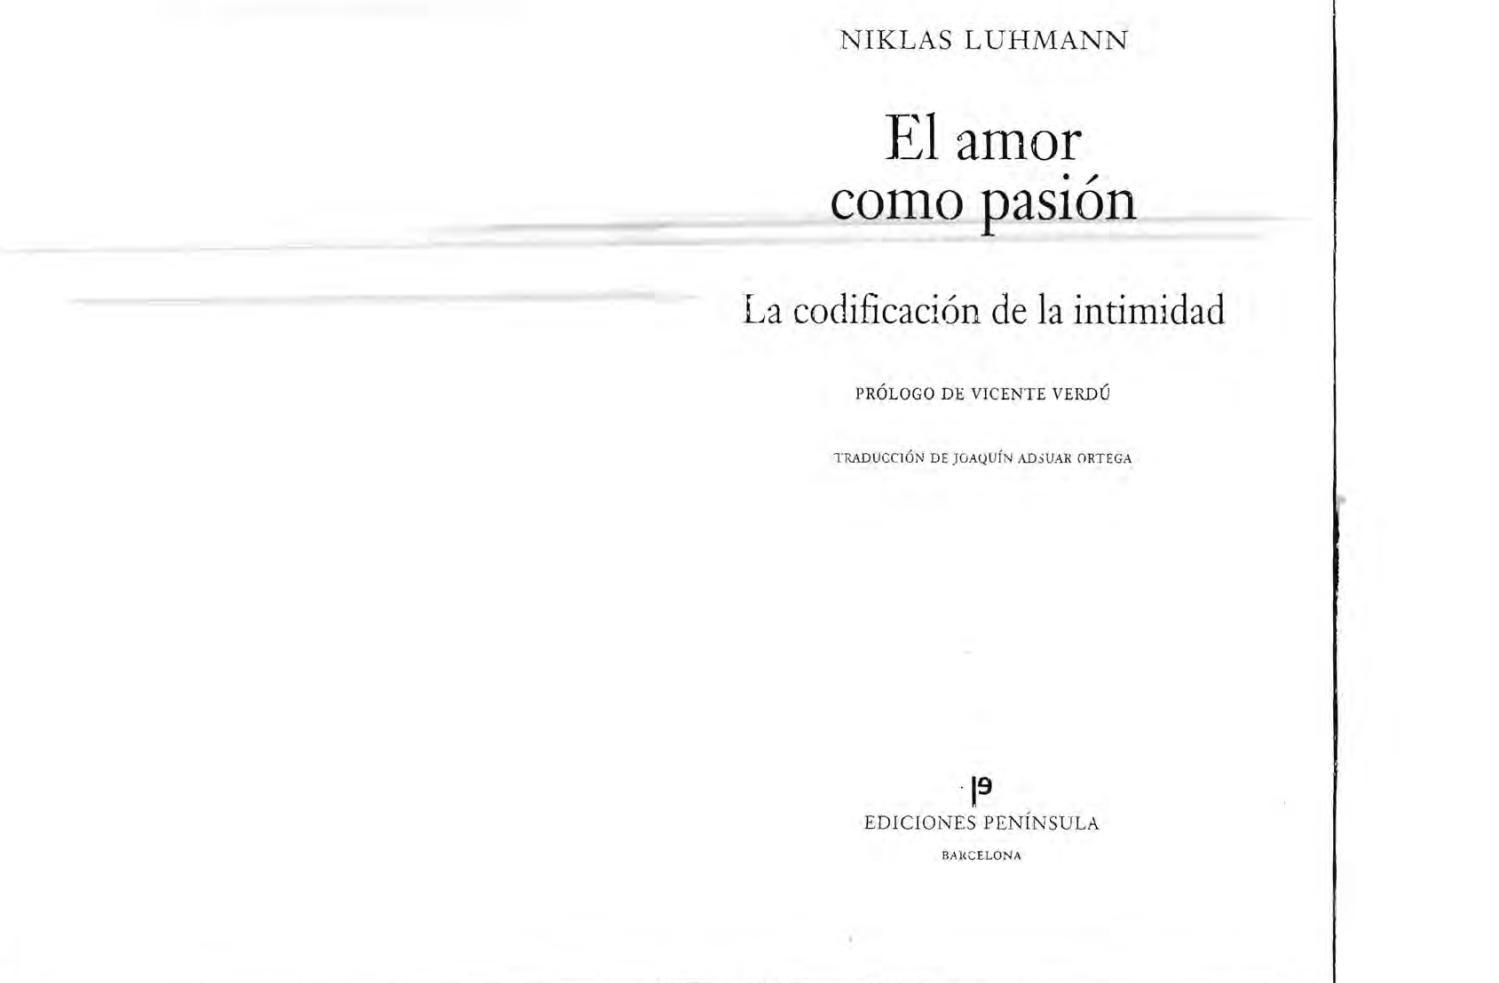 El amor como pasion luhman by Adrian Alberto Michateck - issuu 7ae58a576d1